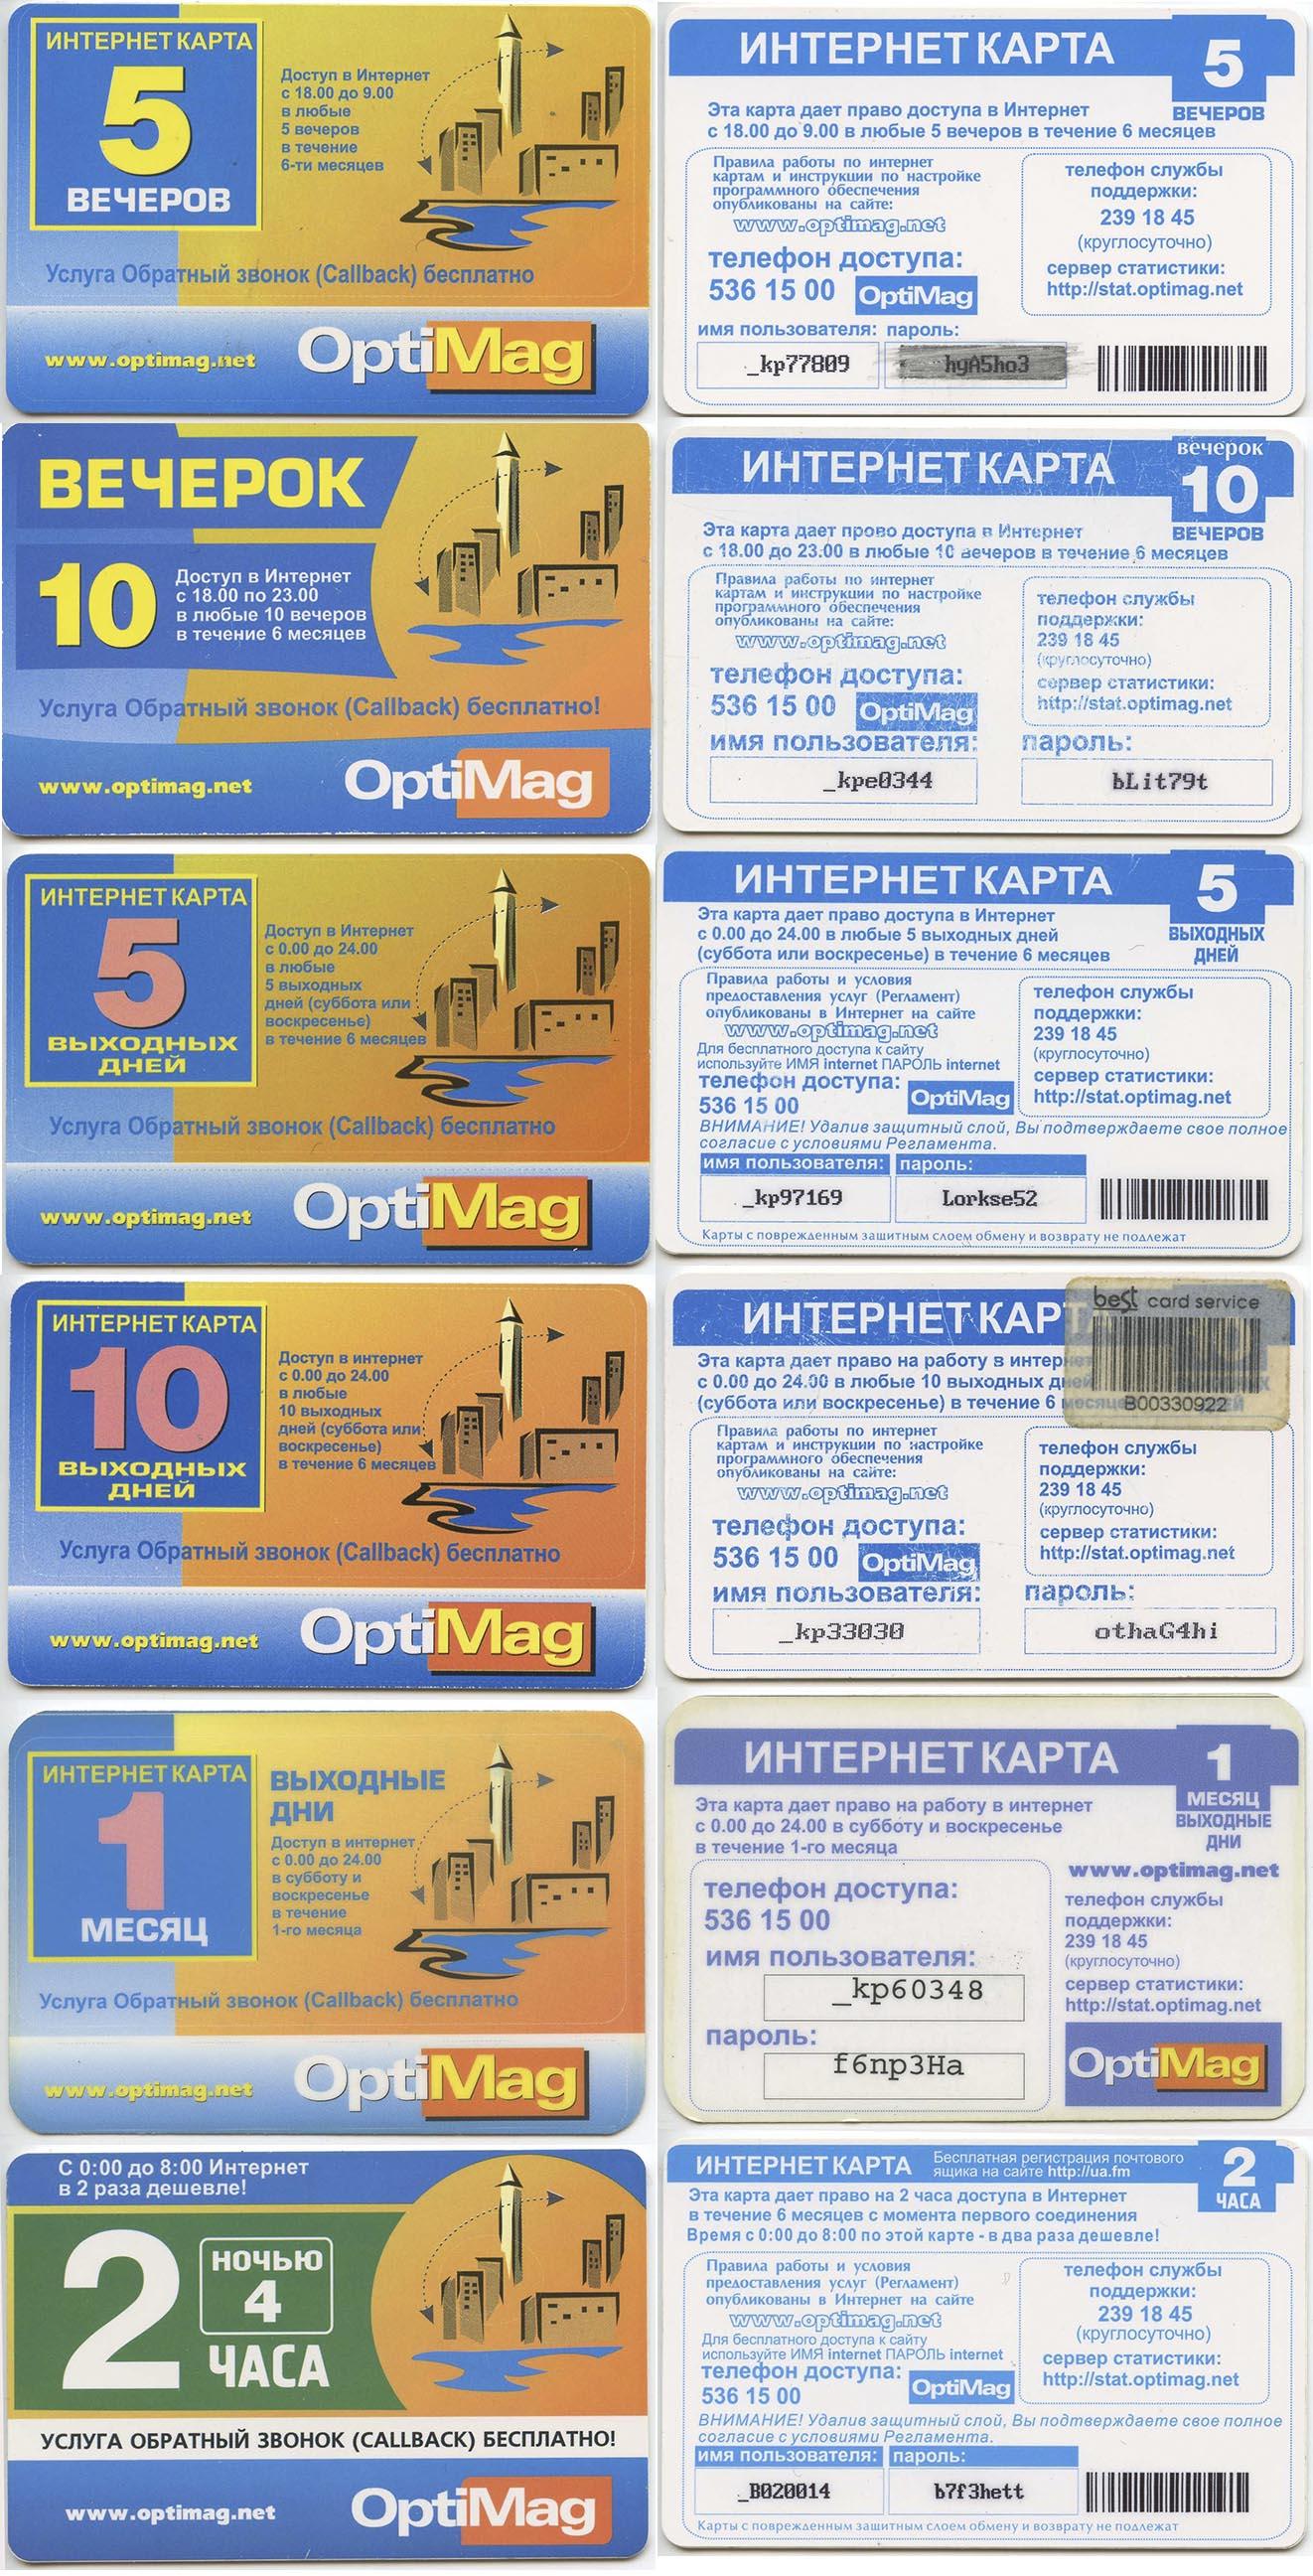 20 лет эволюции сети Интернет в Украине, а какой вы помните сеть 20 или 10 лет назад? - 4